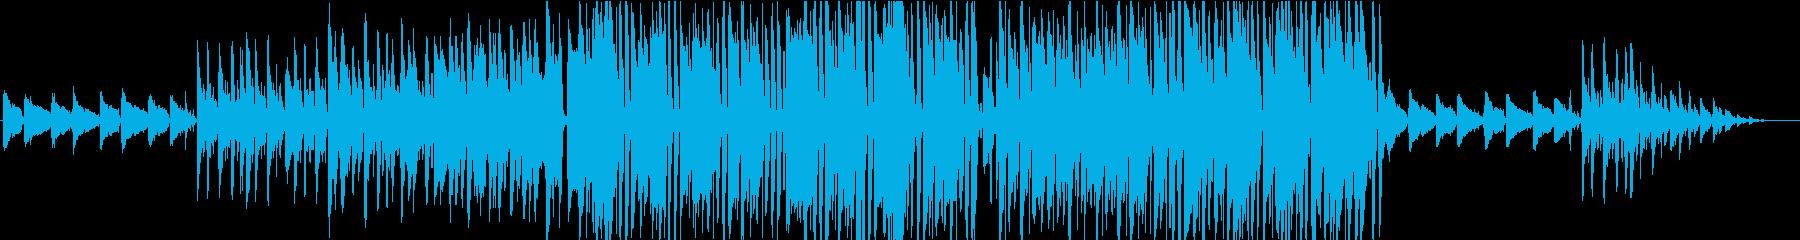 疾走感のあるジャズピアノの再生済みの波形